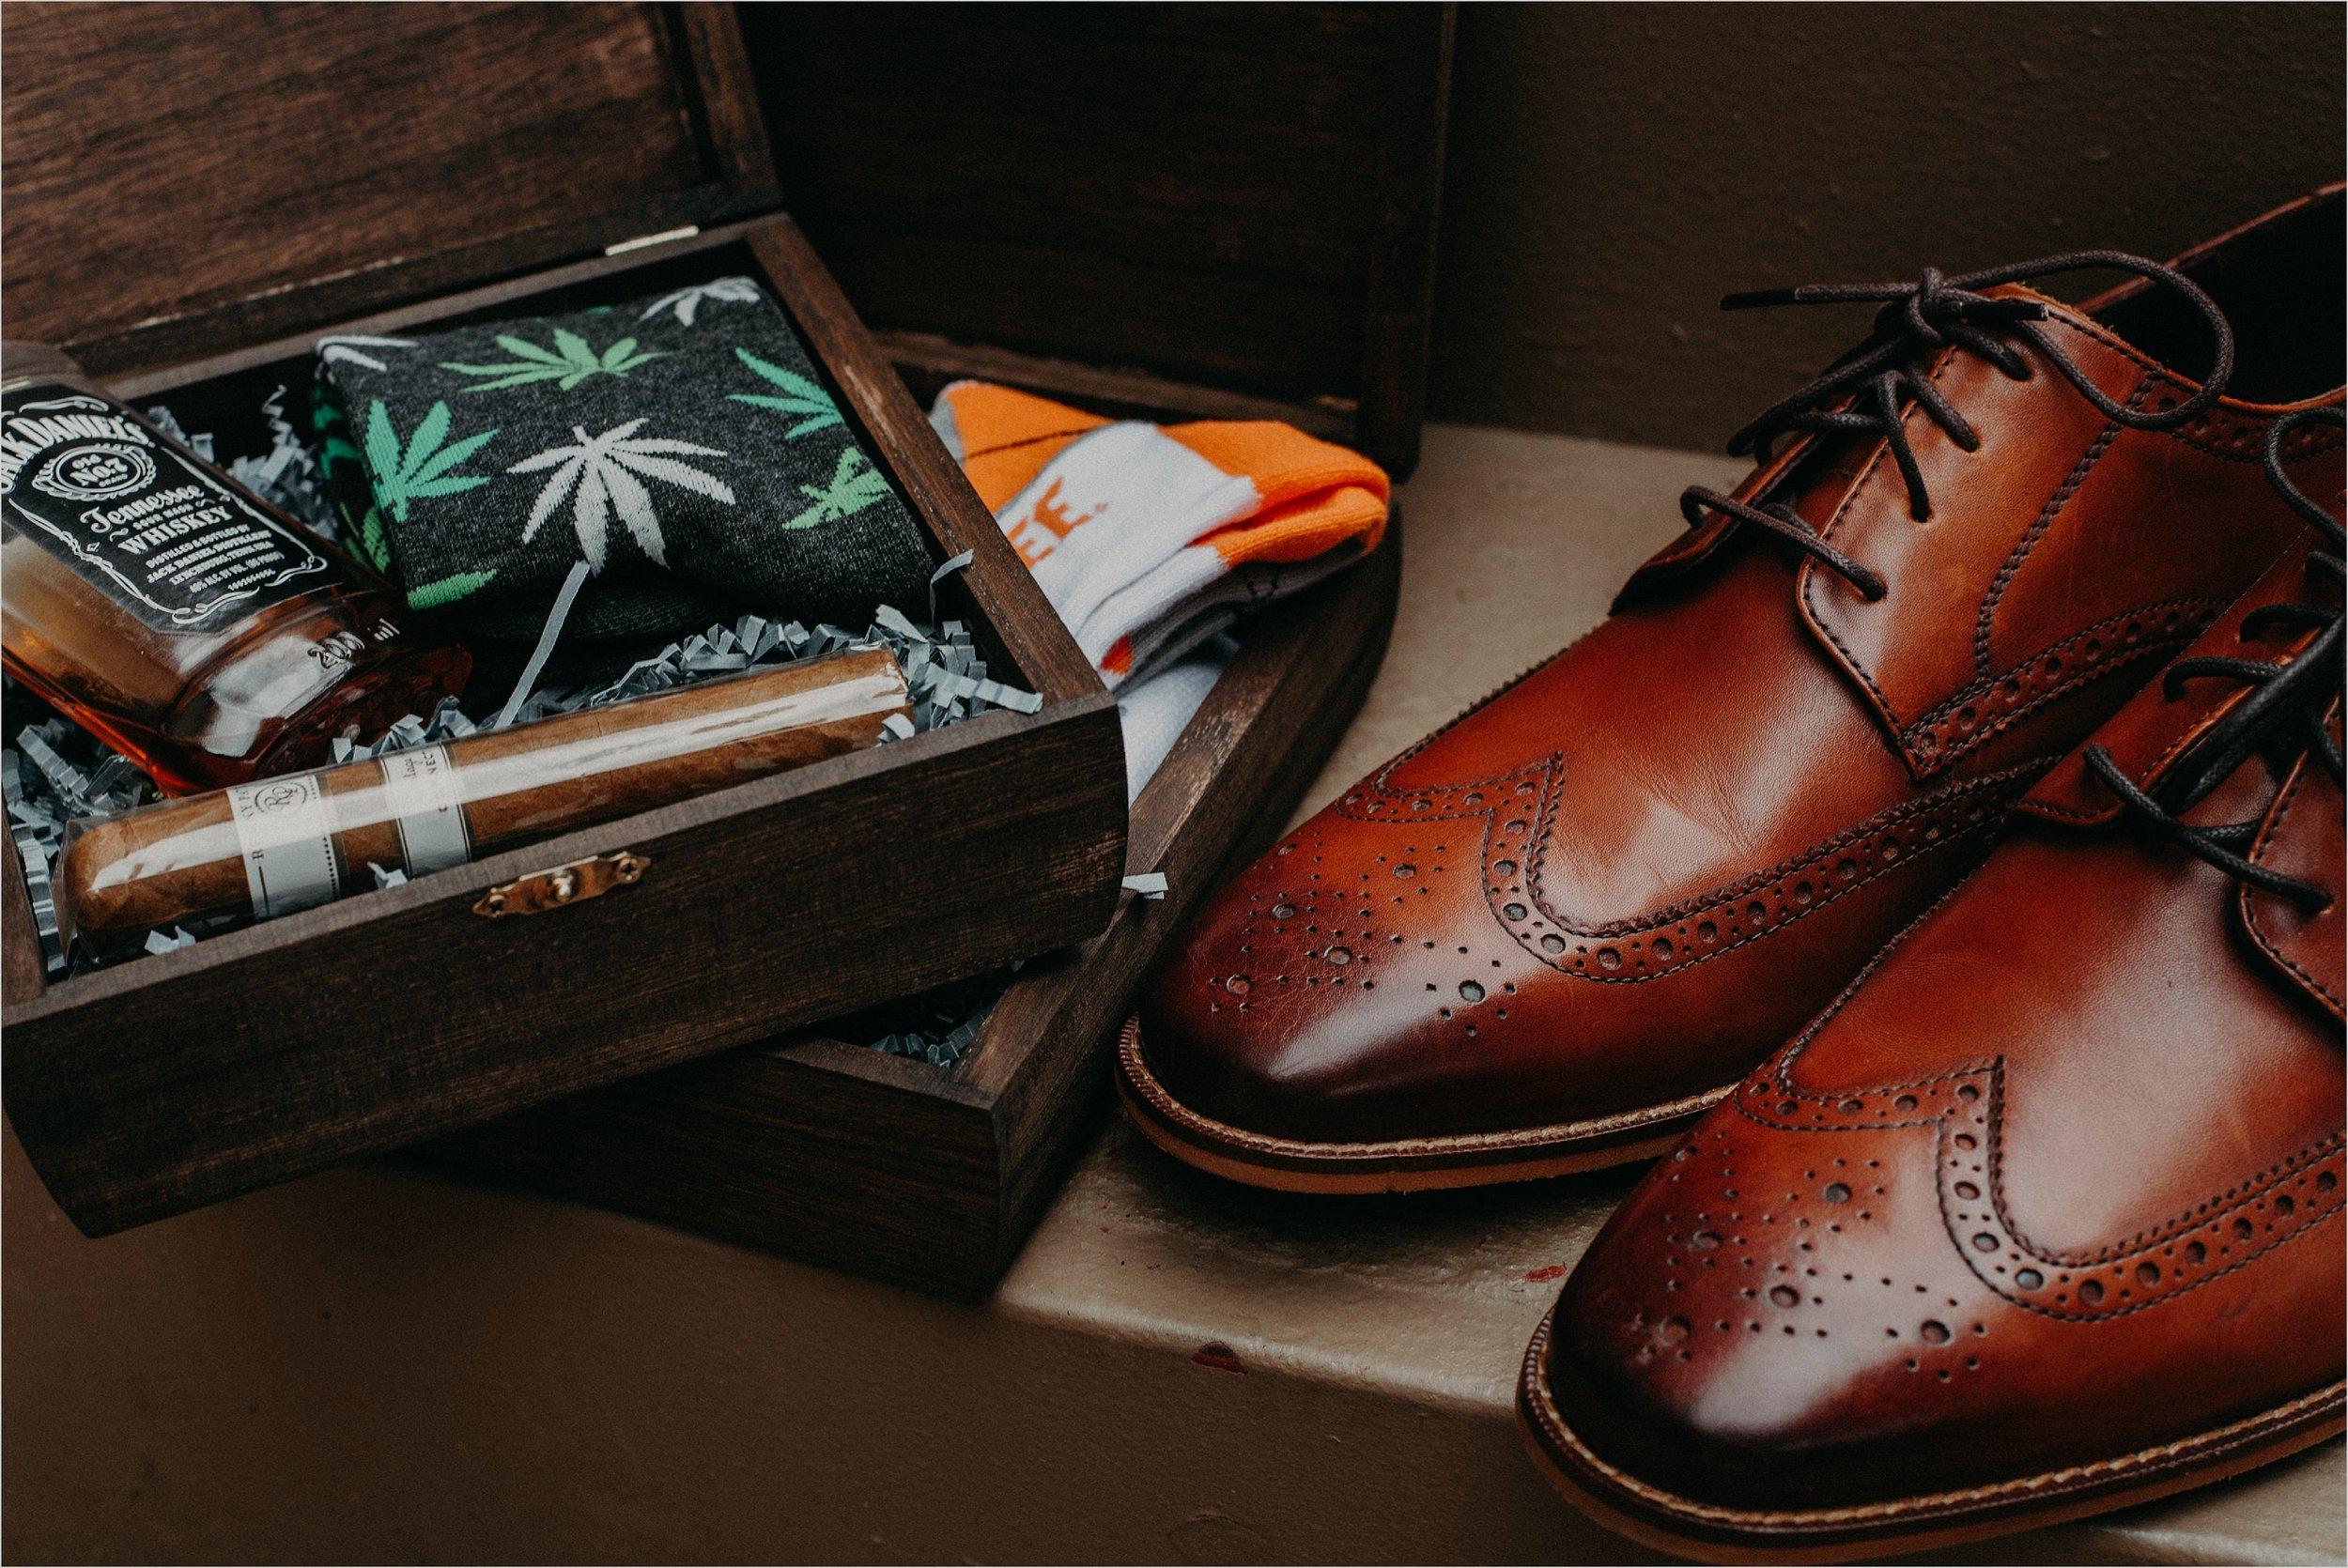 Marijuana inspired groomsmen gifts and details